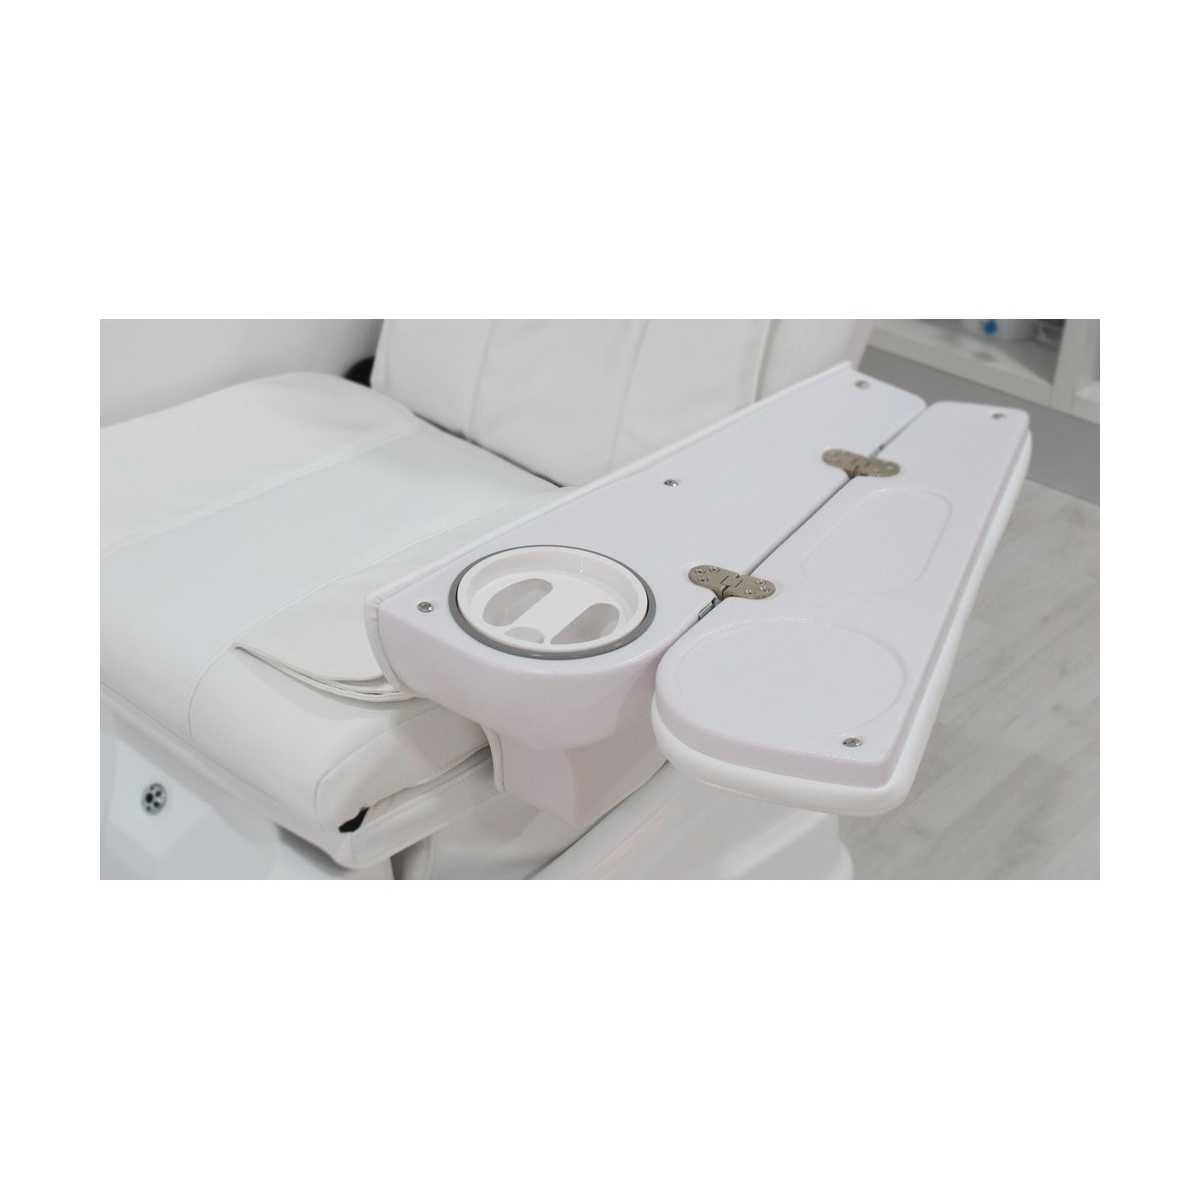 Poltrona Spa elettrico pedicure di Sistema - Poltrone e lettini - Weelko